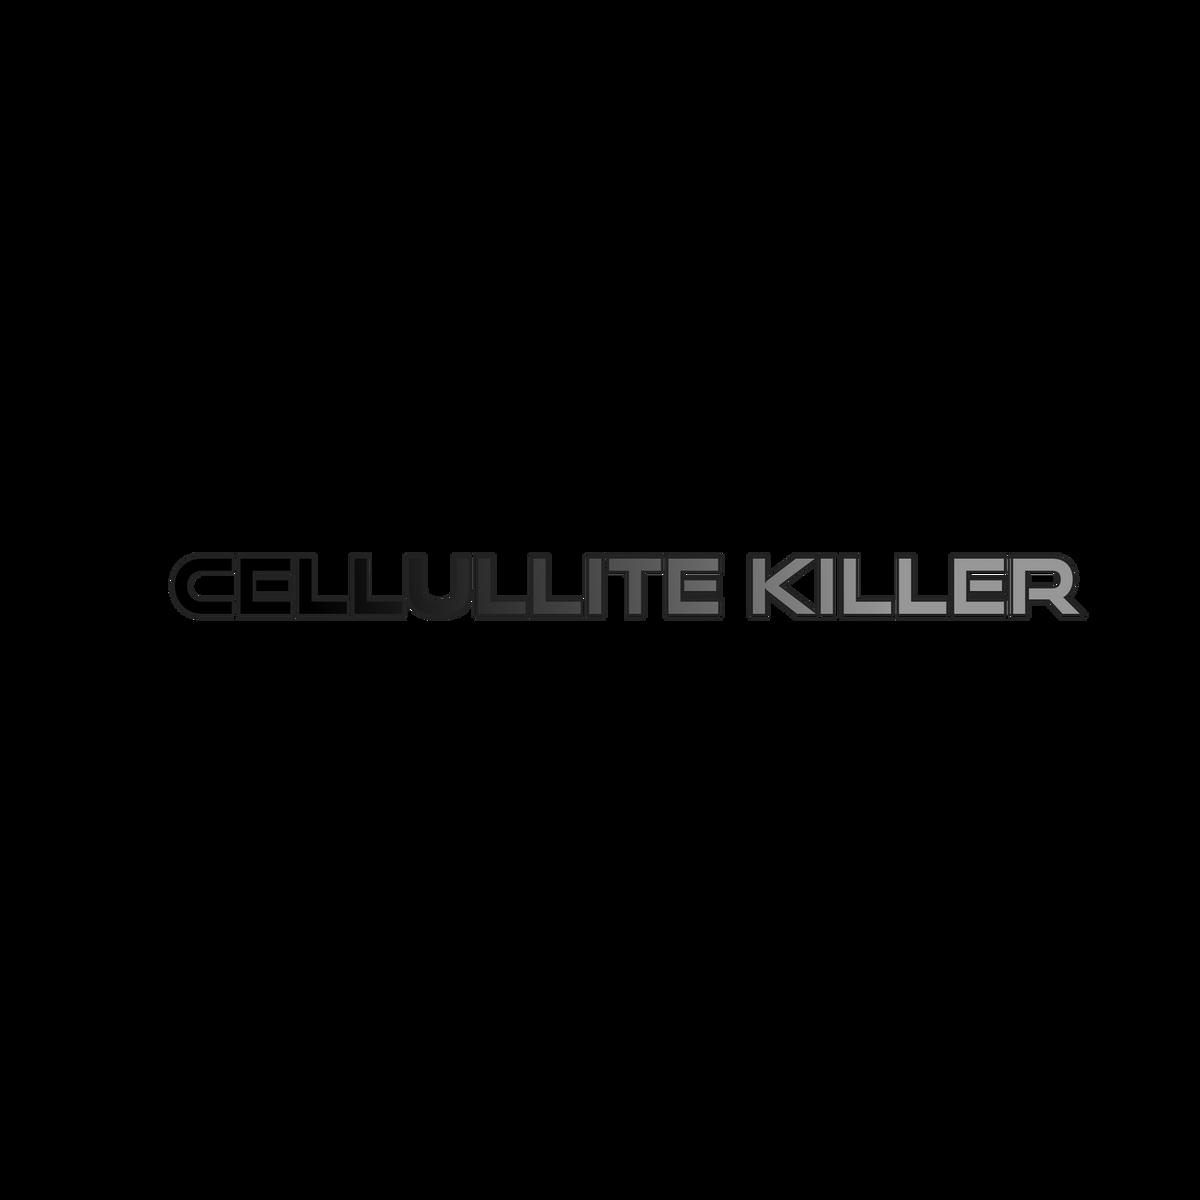 Cellullite Killer